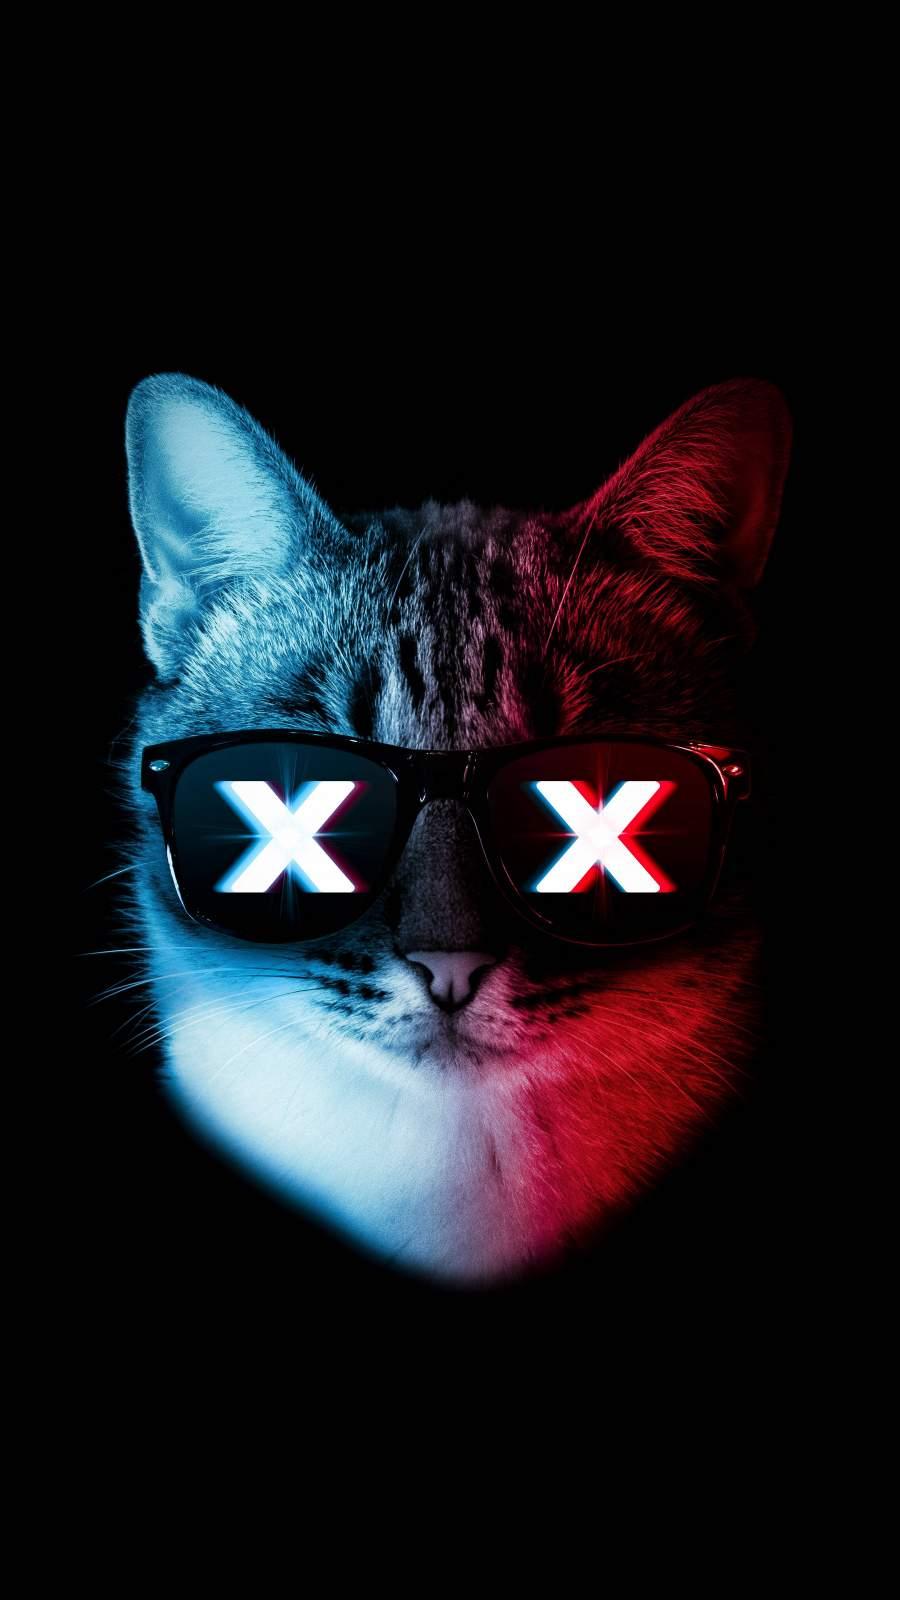 Glitch Cat iPhone Wallpaper